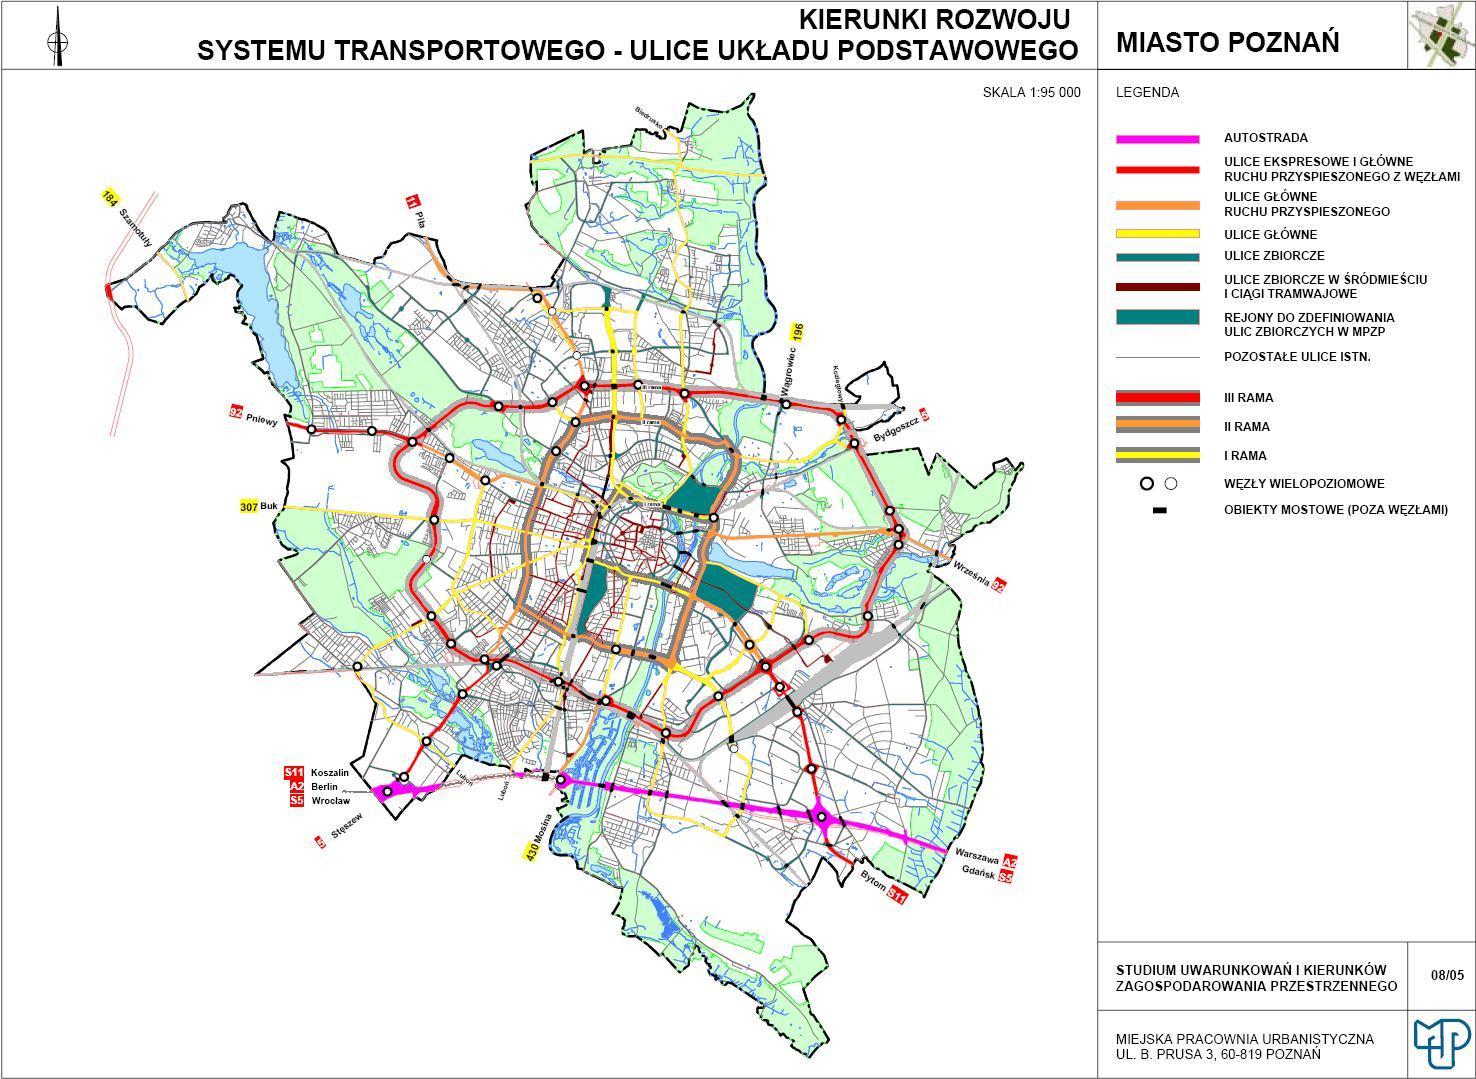 Góra Studium uwarunkowań i kierunków zagospodarowania przestrzennego US72